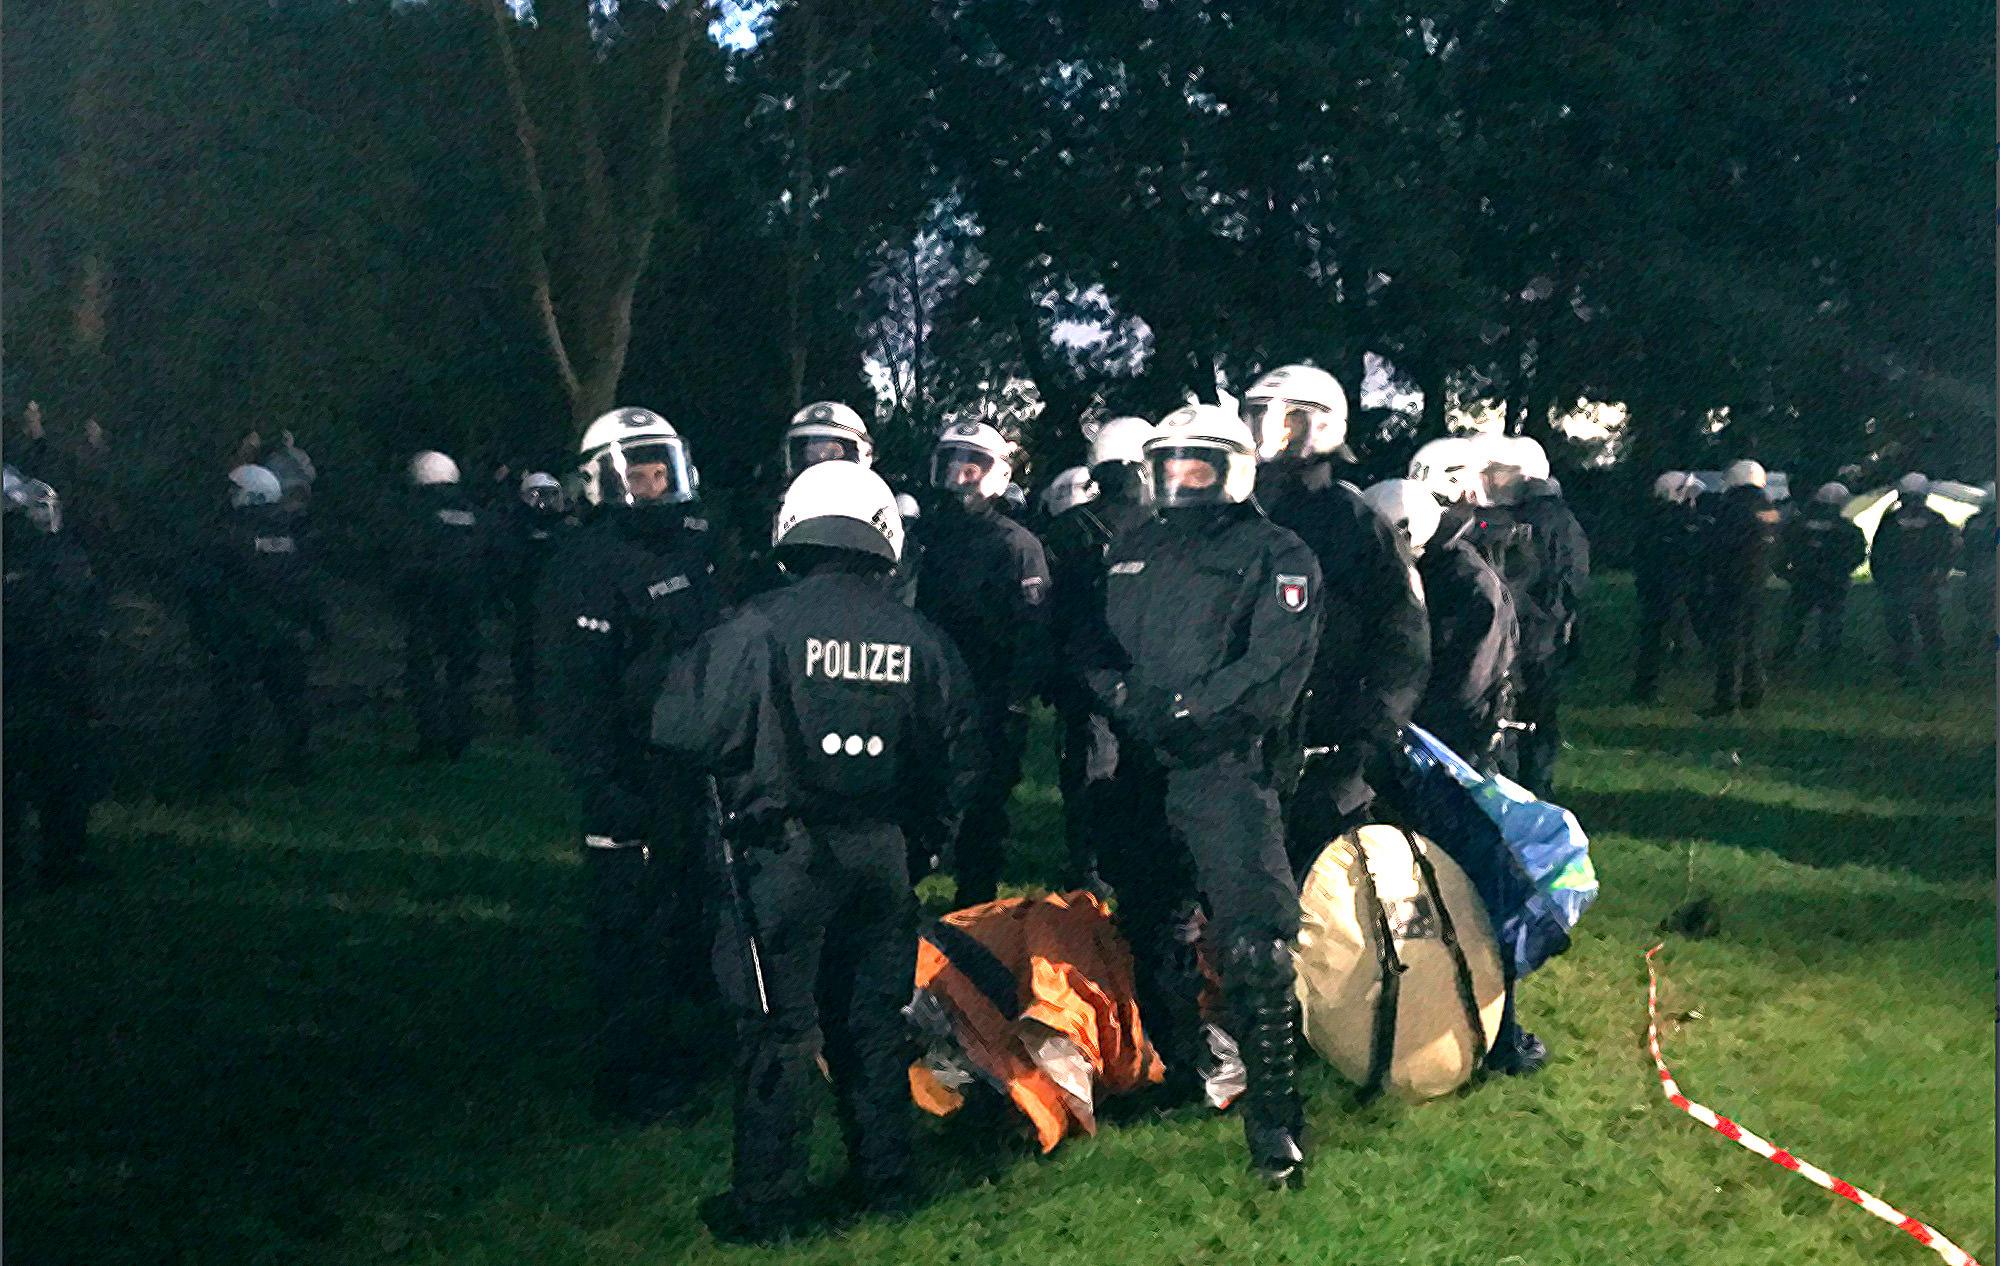 G20 camp raid